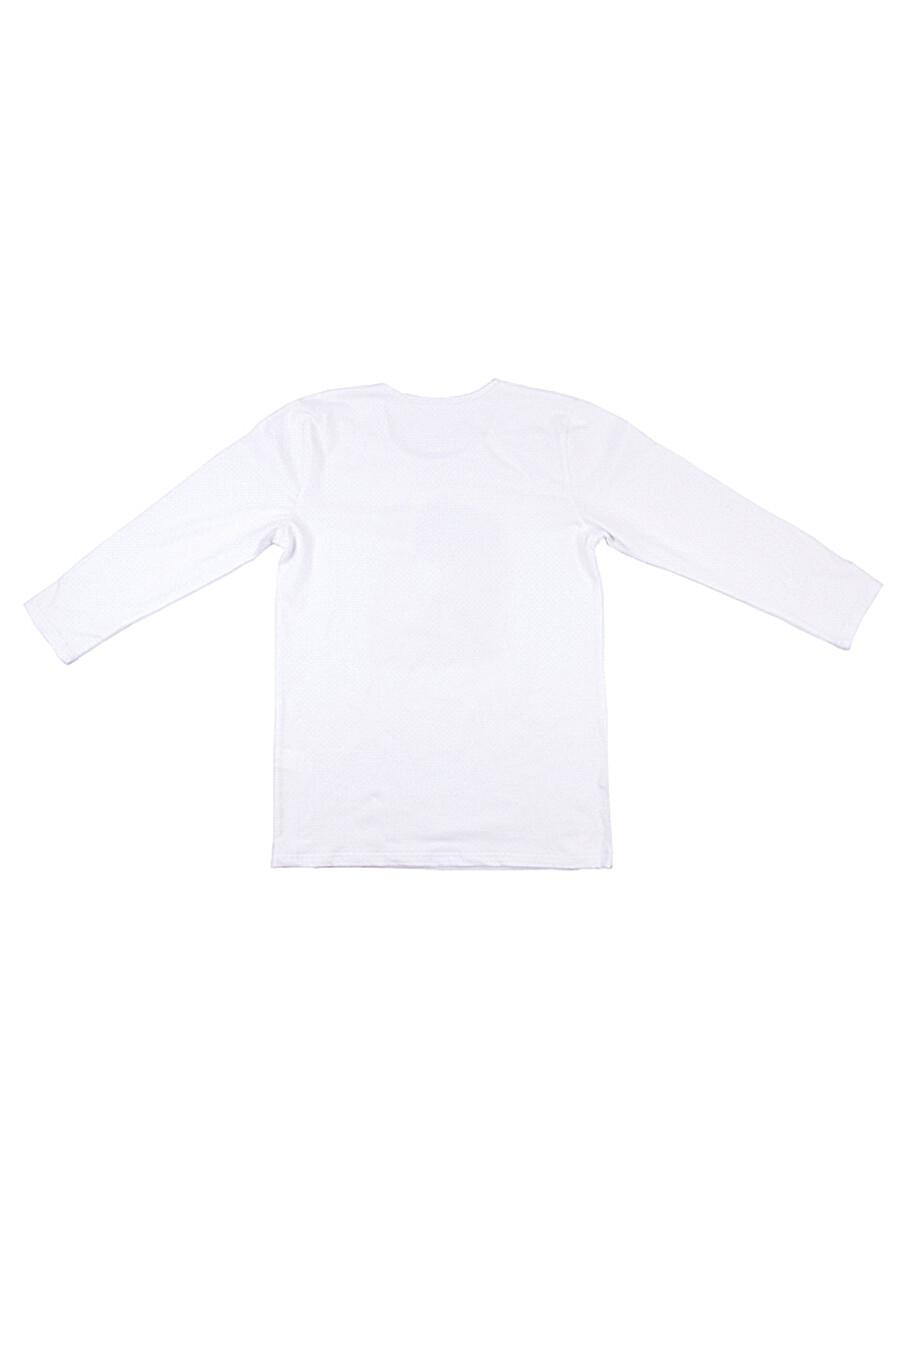 Джемпер для женщин Archi 131165 купить оптом от производителя. Совместная покупка женской одежды в OptMoyo